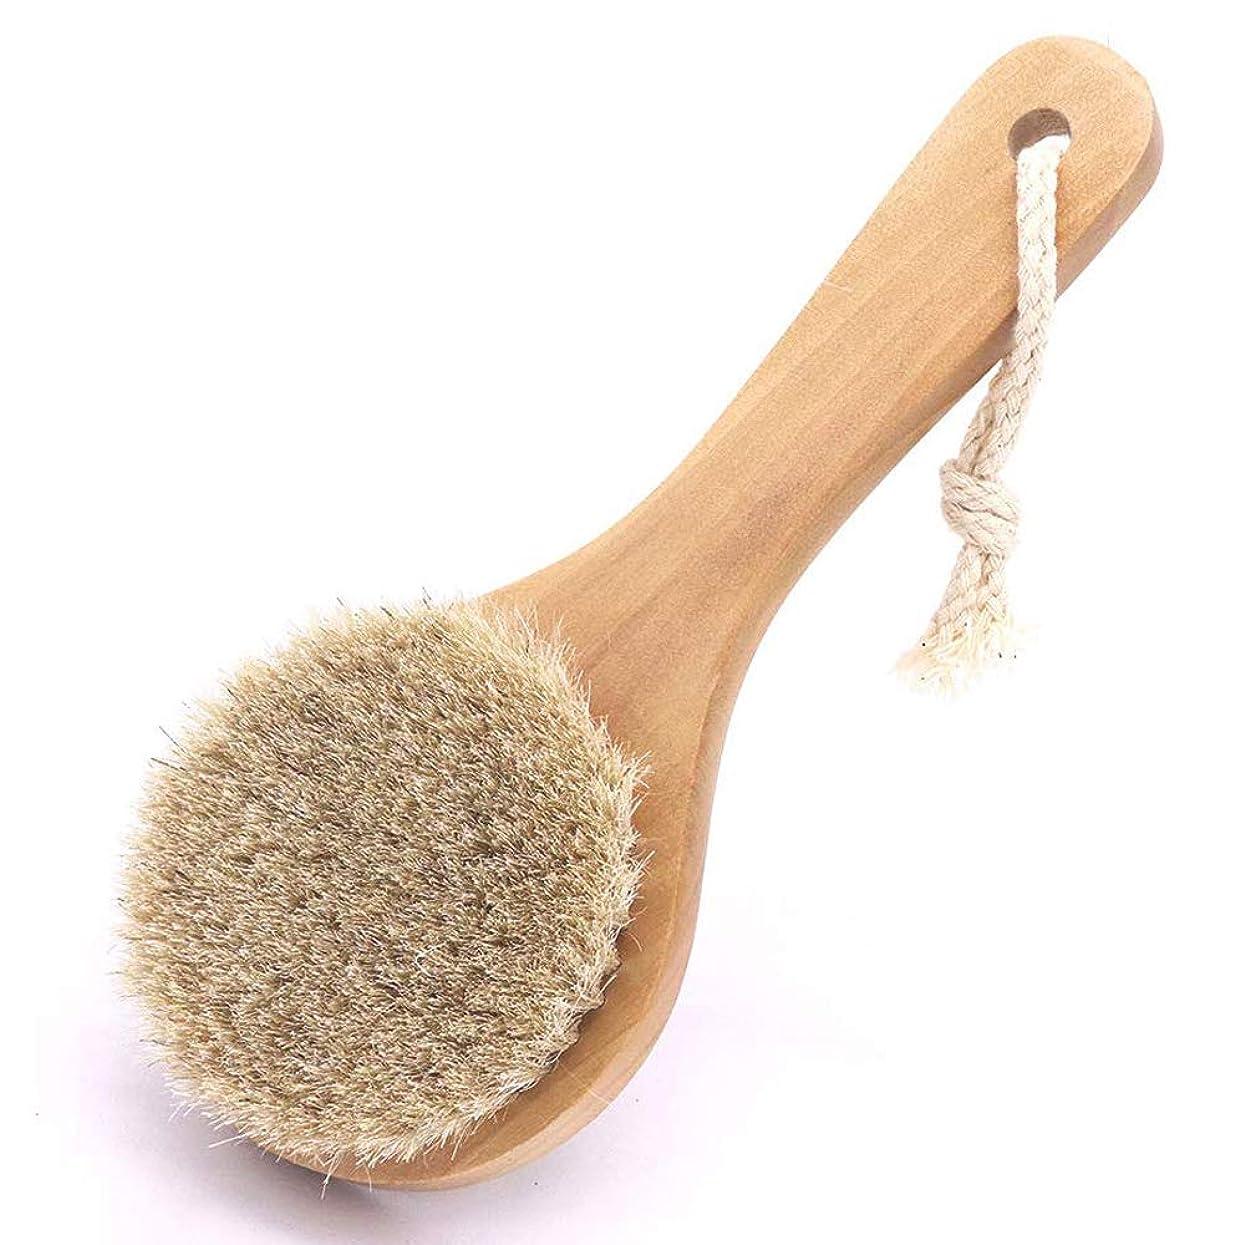 流産ブルジョンラップ馬毛ボディブラシ 木製 短柄 足を洗う お風呂用 体洗い 女性 角質除去 柔らかい 美肌 馬毛ボディブラシ